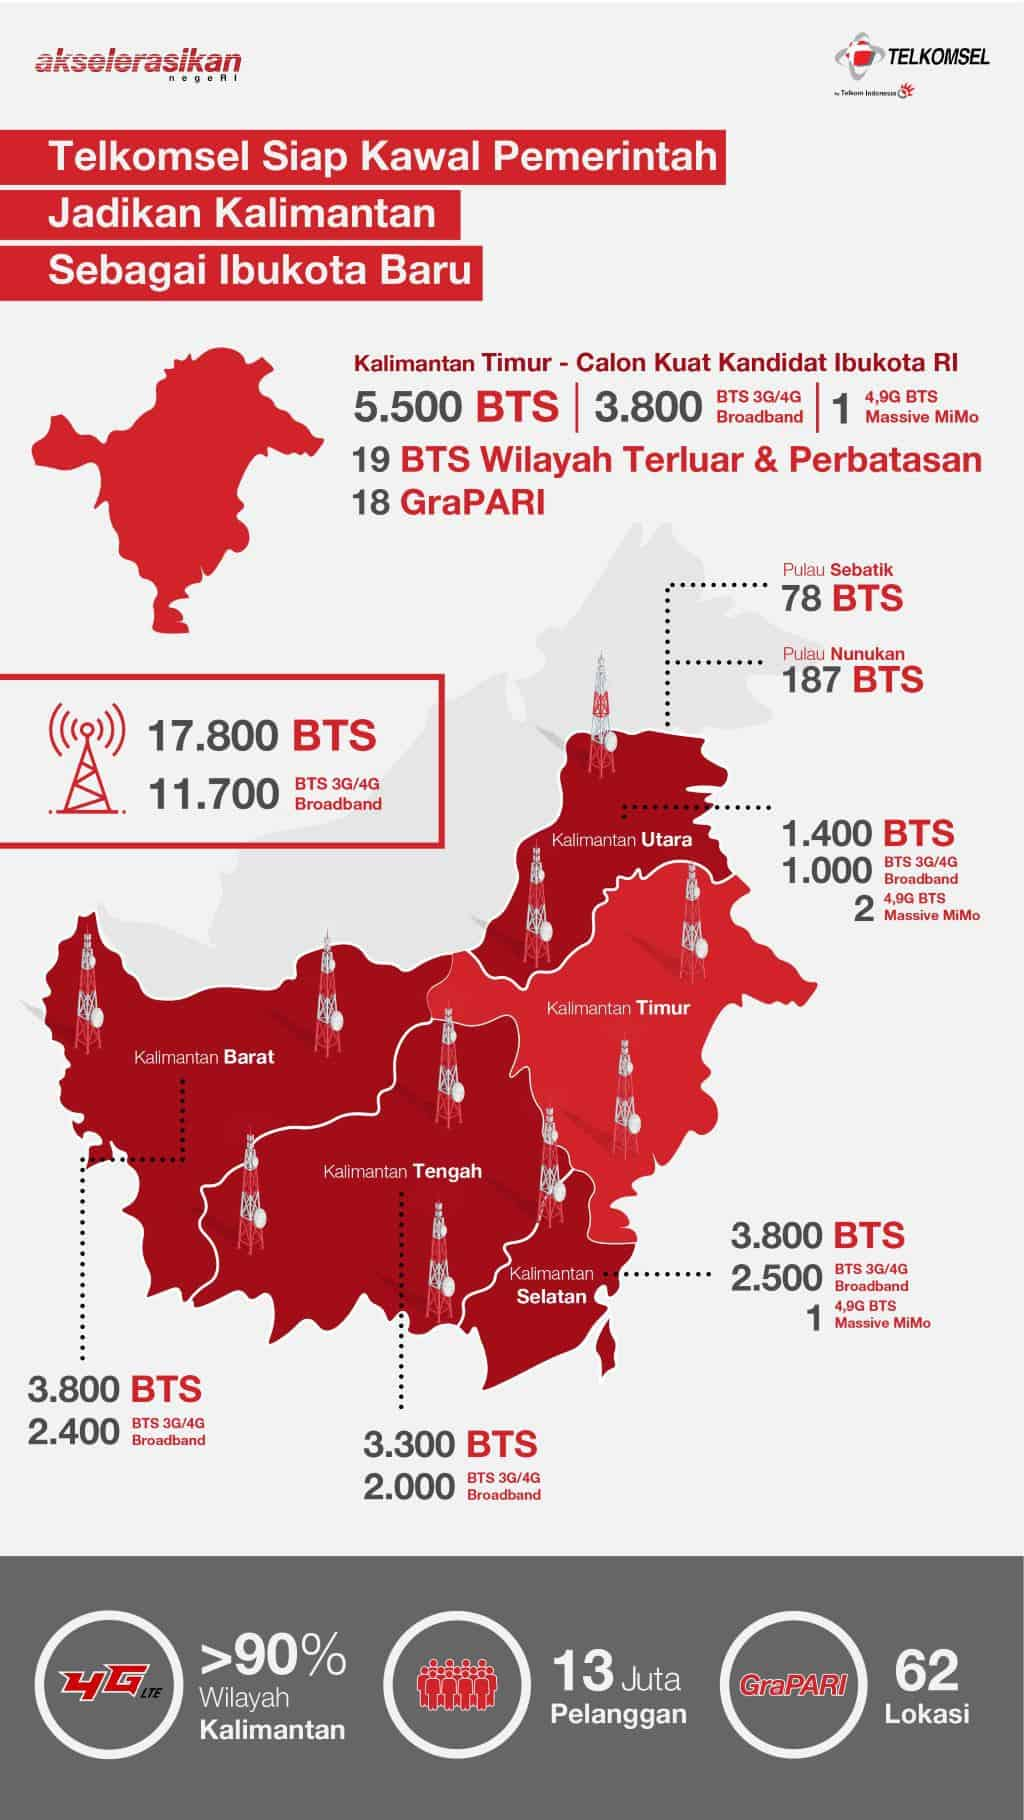 Telkomsel Kalimantan